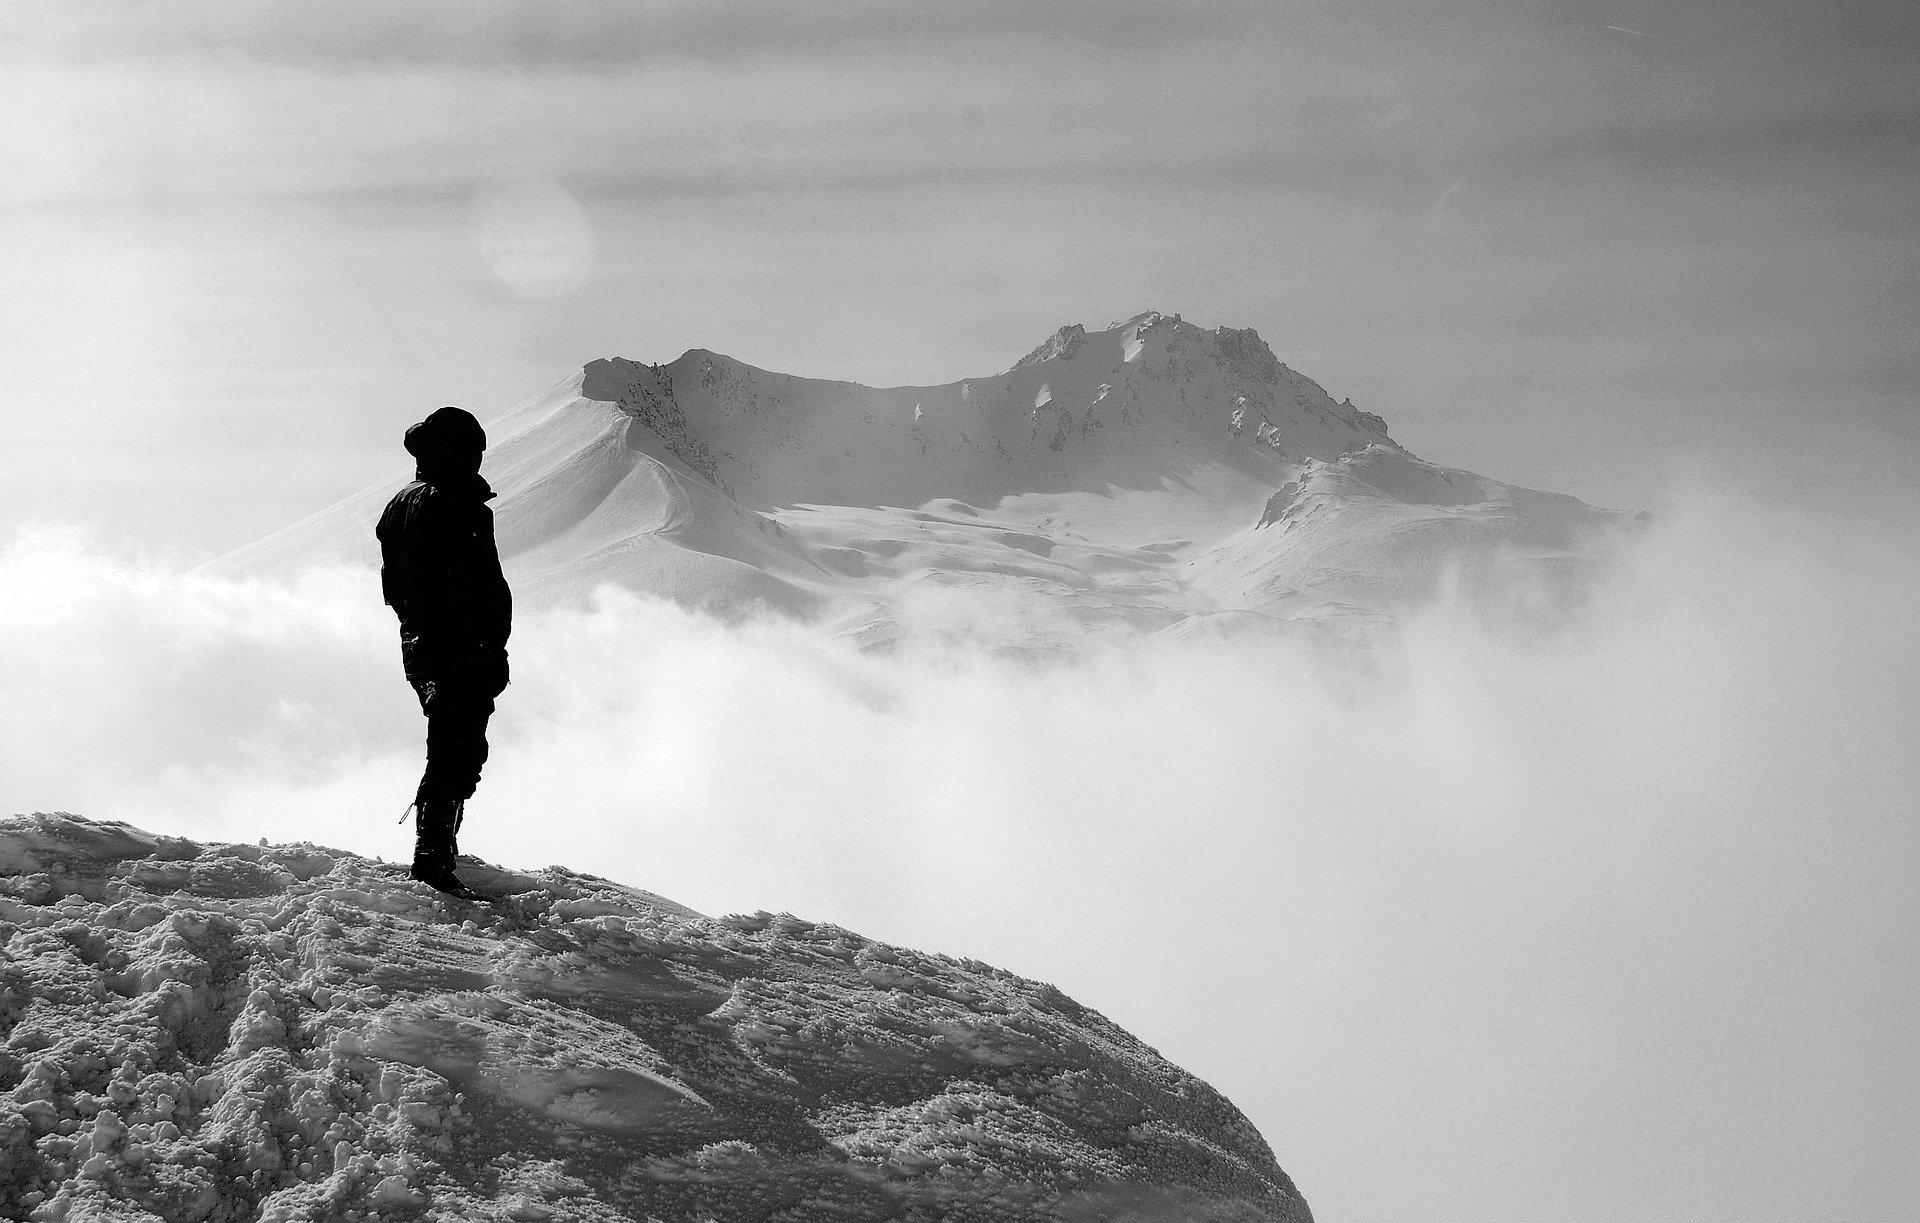 Homme sur une montagne avec de la brume. Photo noir et blanc